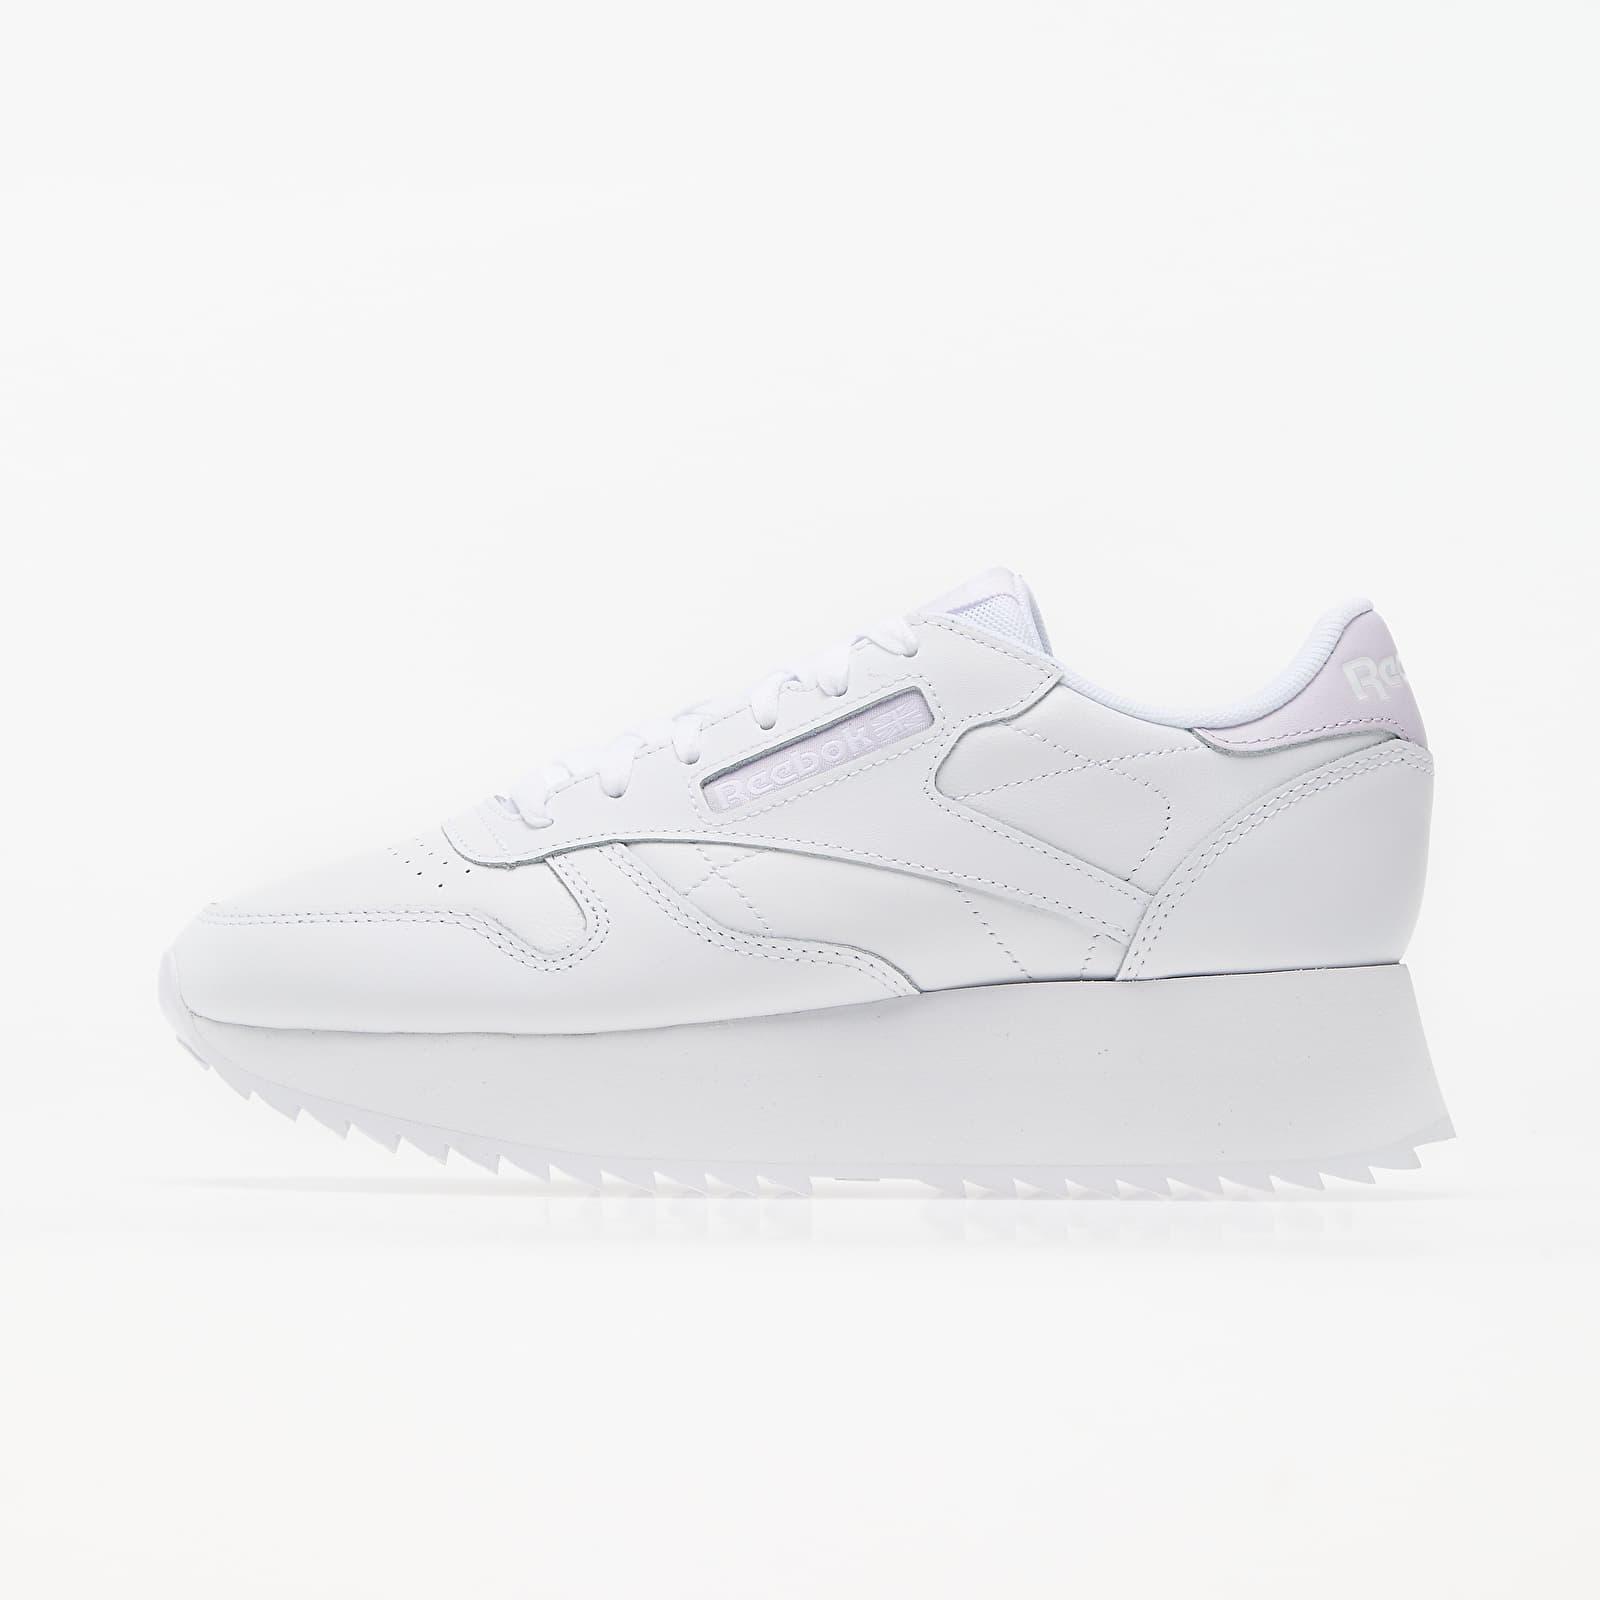 Reebok Club Leather Double White/ Luminous Lilac/ White FY7264